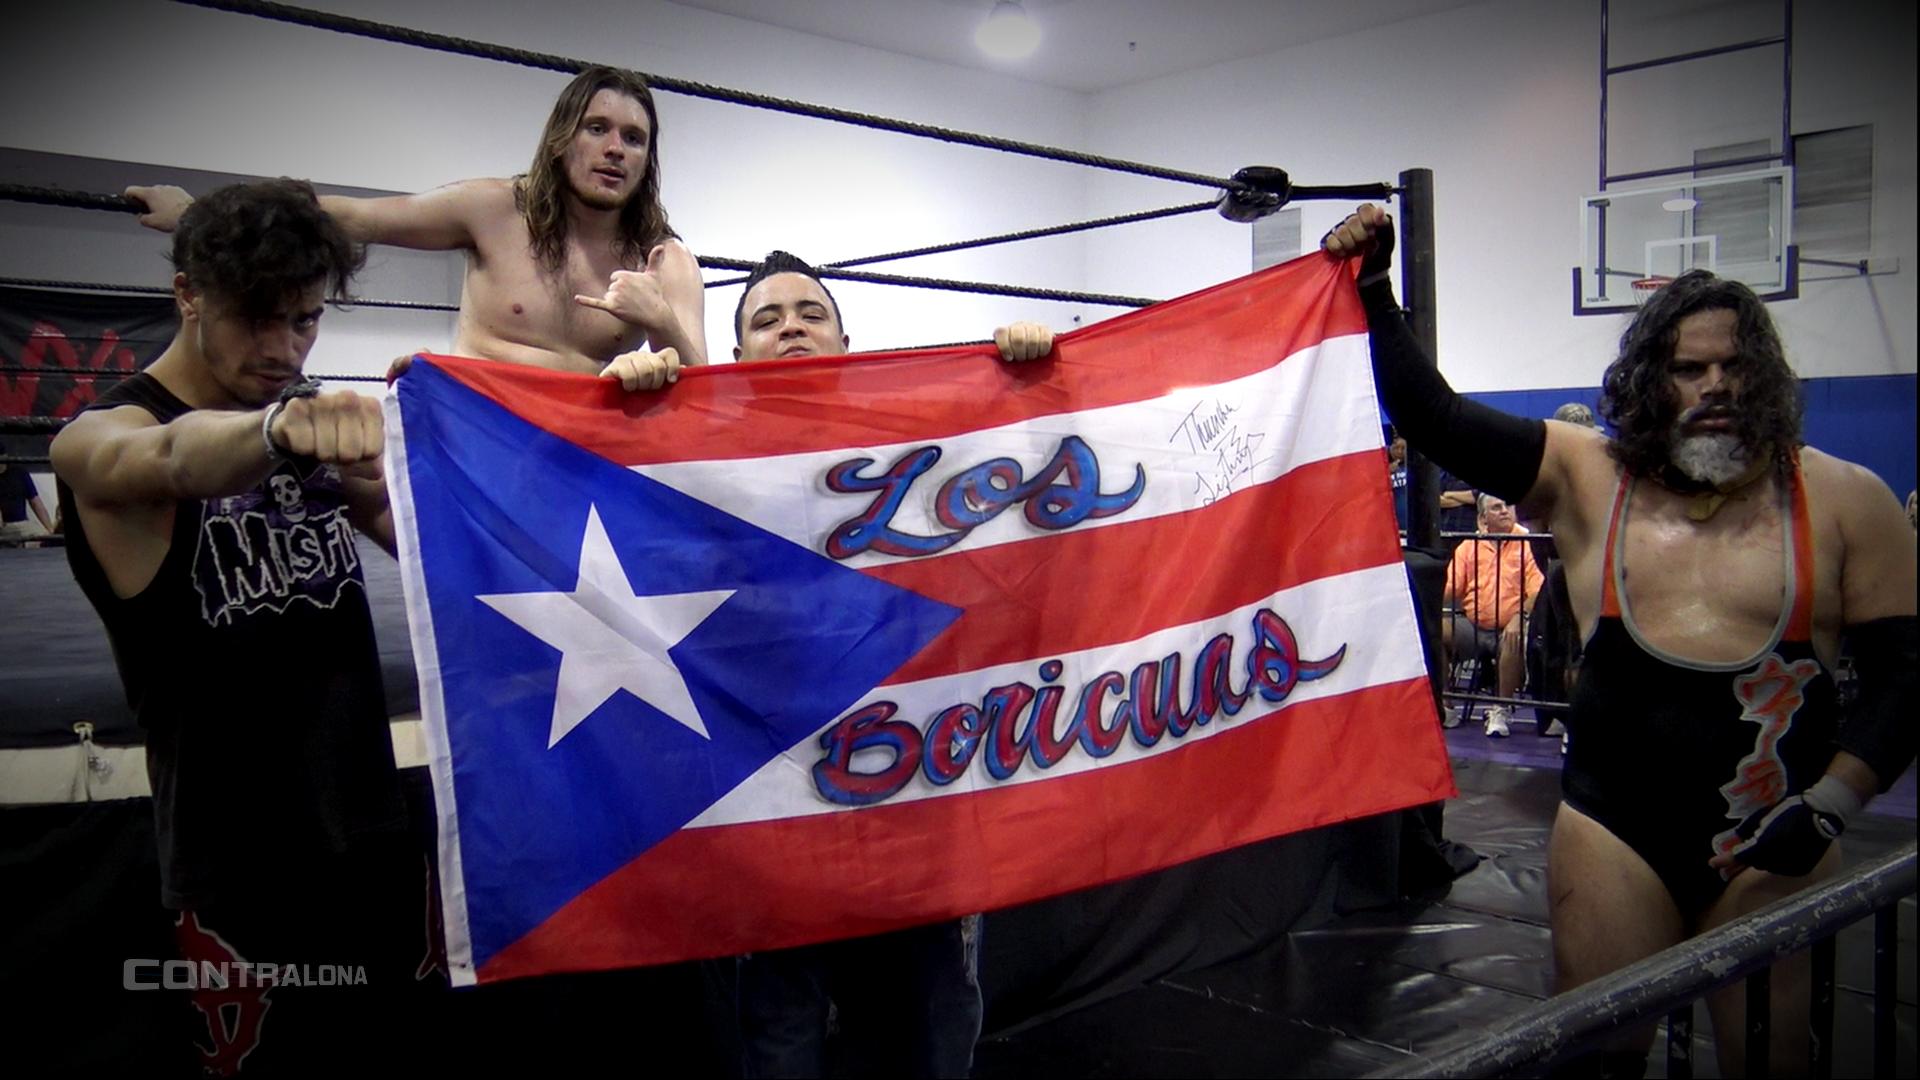 Celebra la WXW con nuestra bandera.